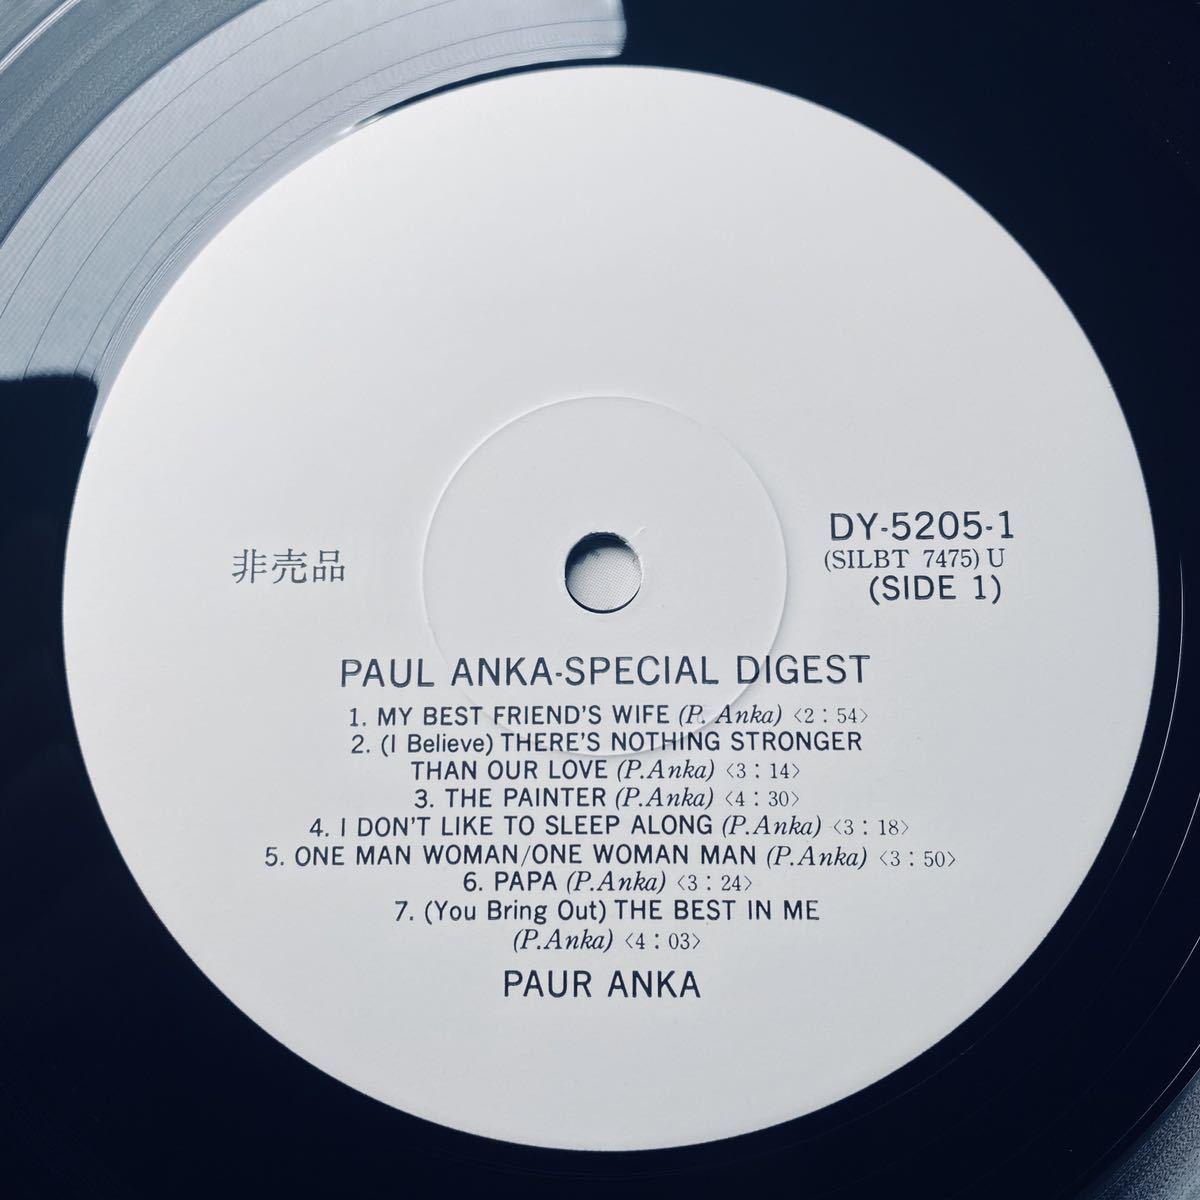 国内見本白ラベルLP 3枚セット ポール・アンカ 大全集 特別ダイジェスト ミュージック・マン / PAUL ANKA 非売品 プロモ サンプル盤_画像7